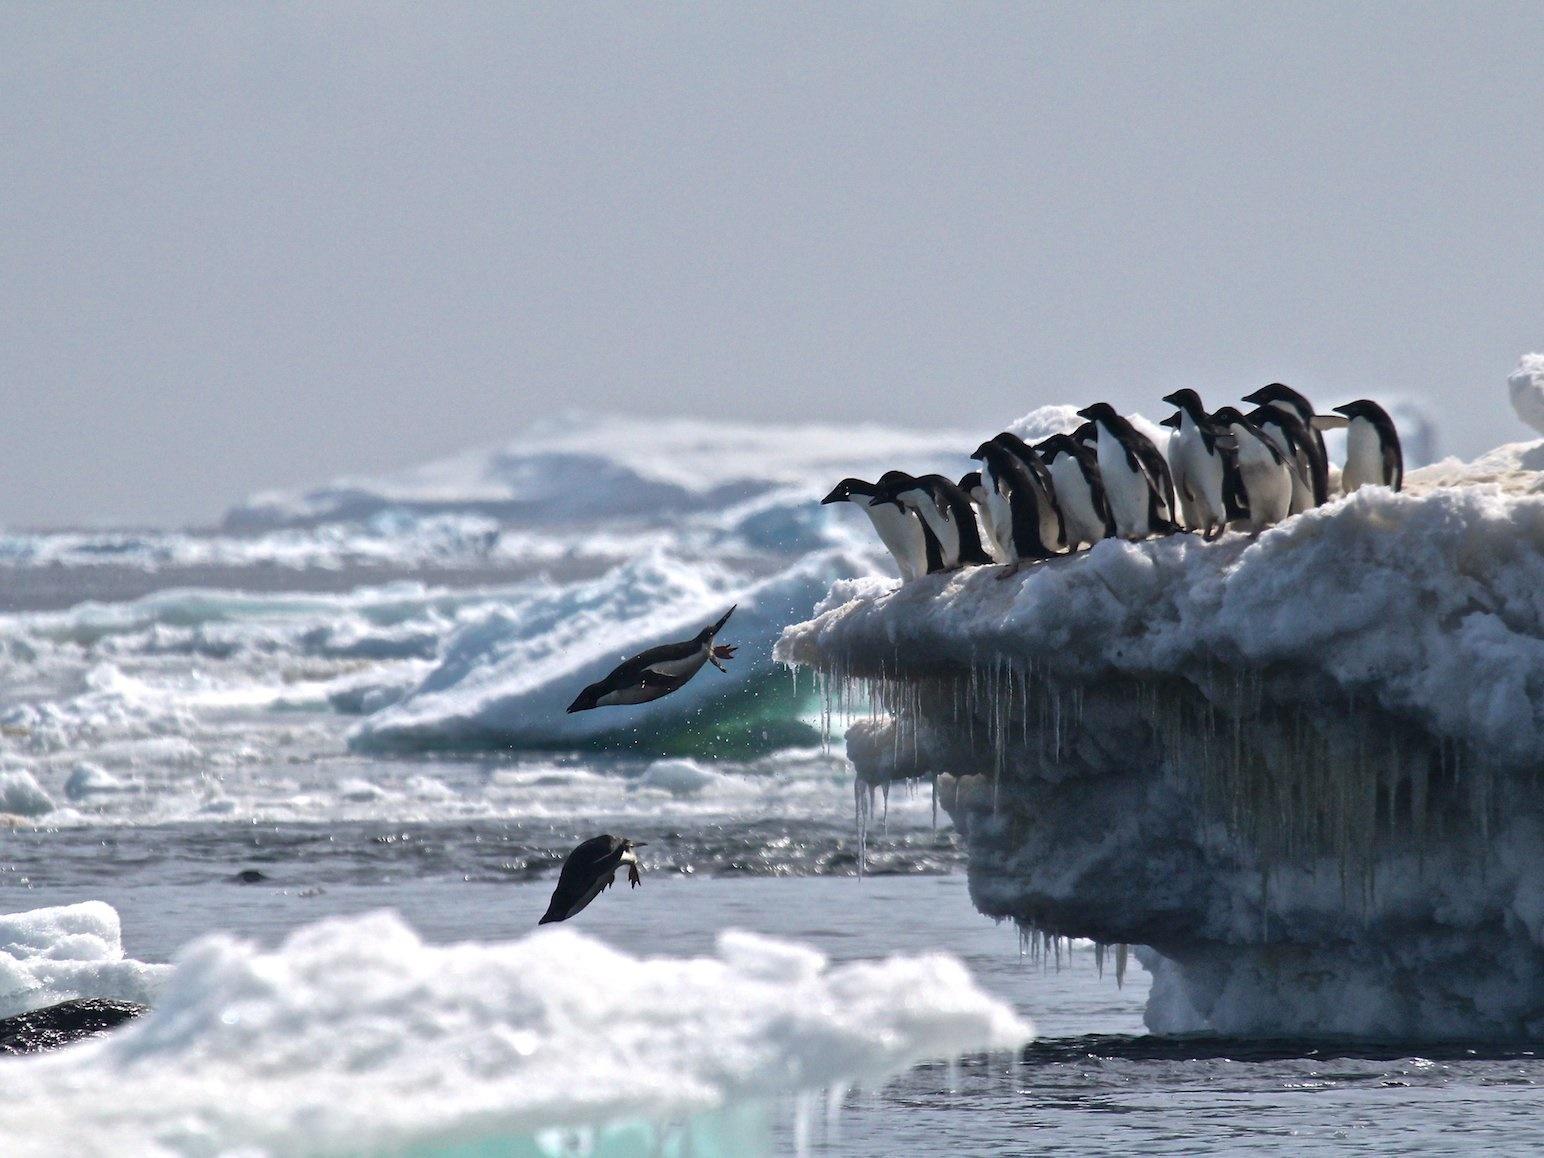 کشف کلانشهر پنهانی پنگوئنها در دورافتادهترین نقطه از جنوبگان